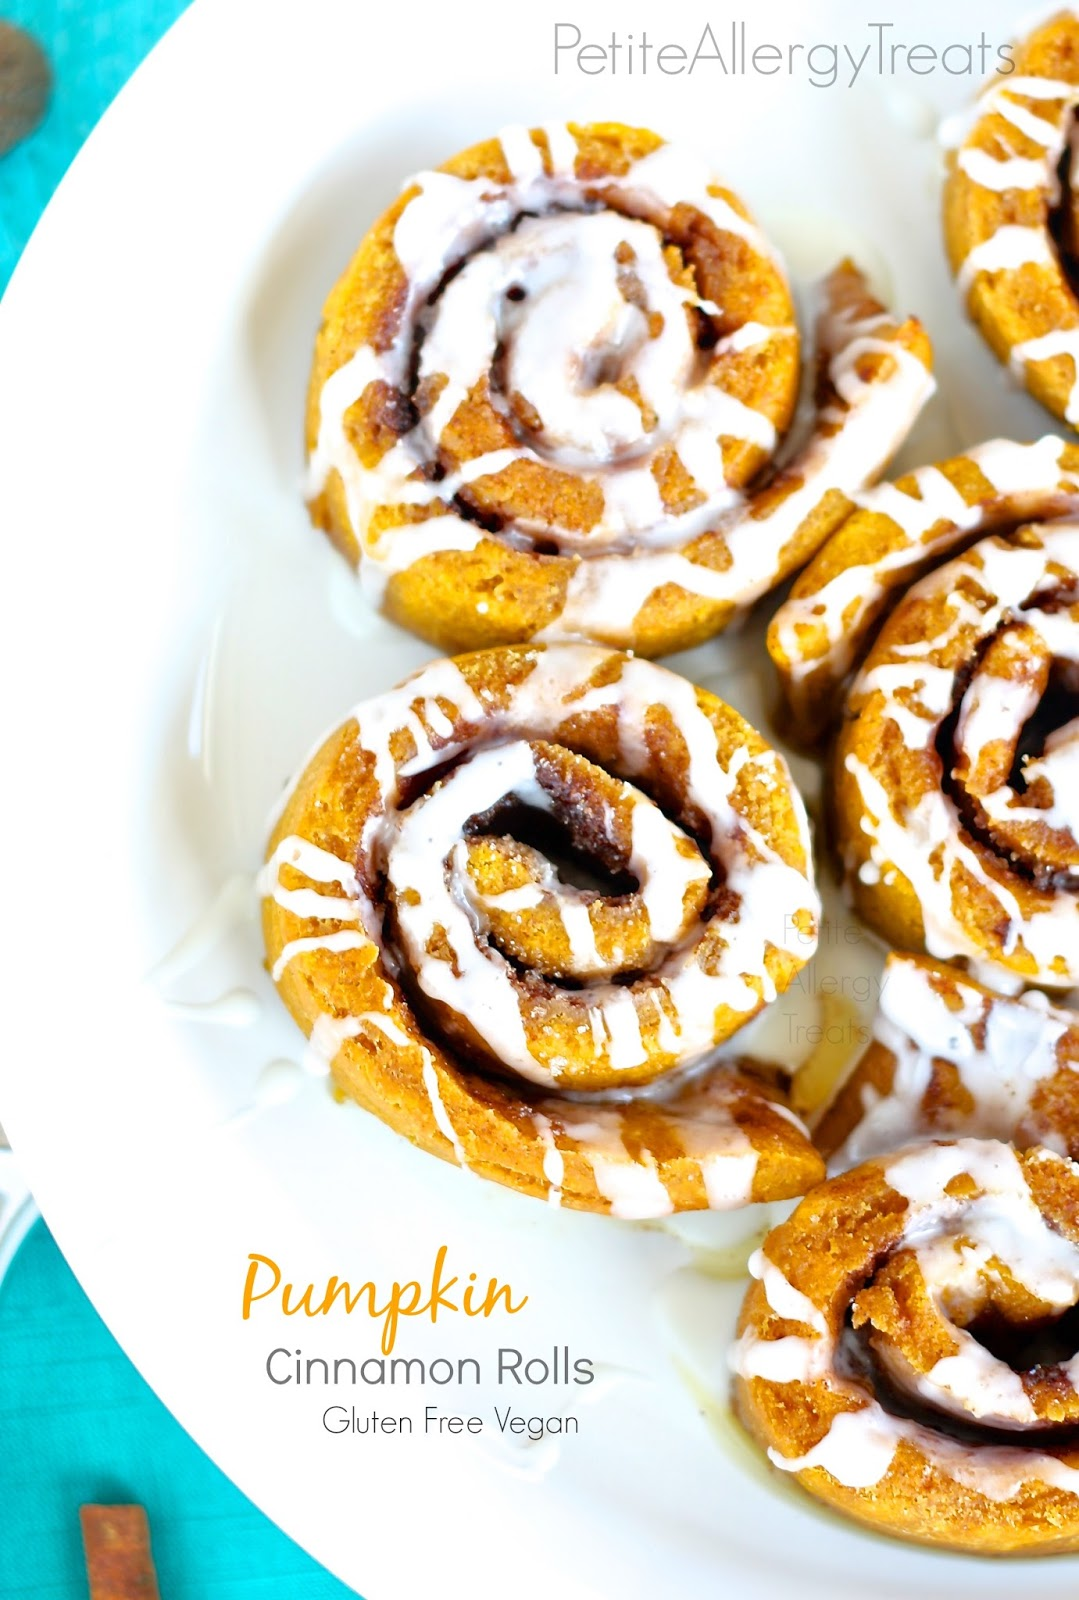 pumpkinroll3